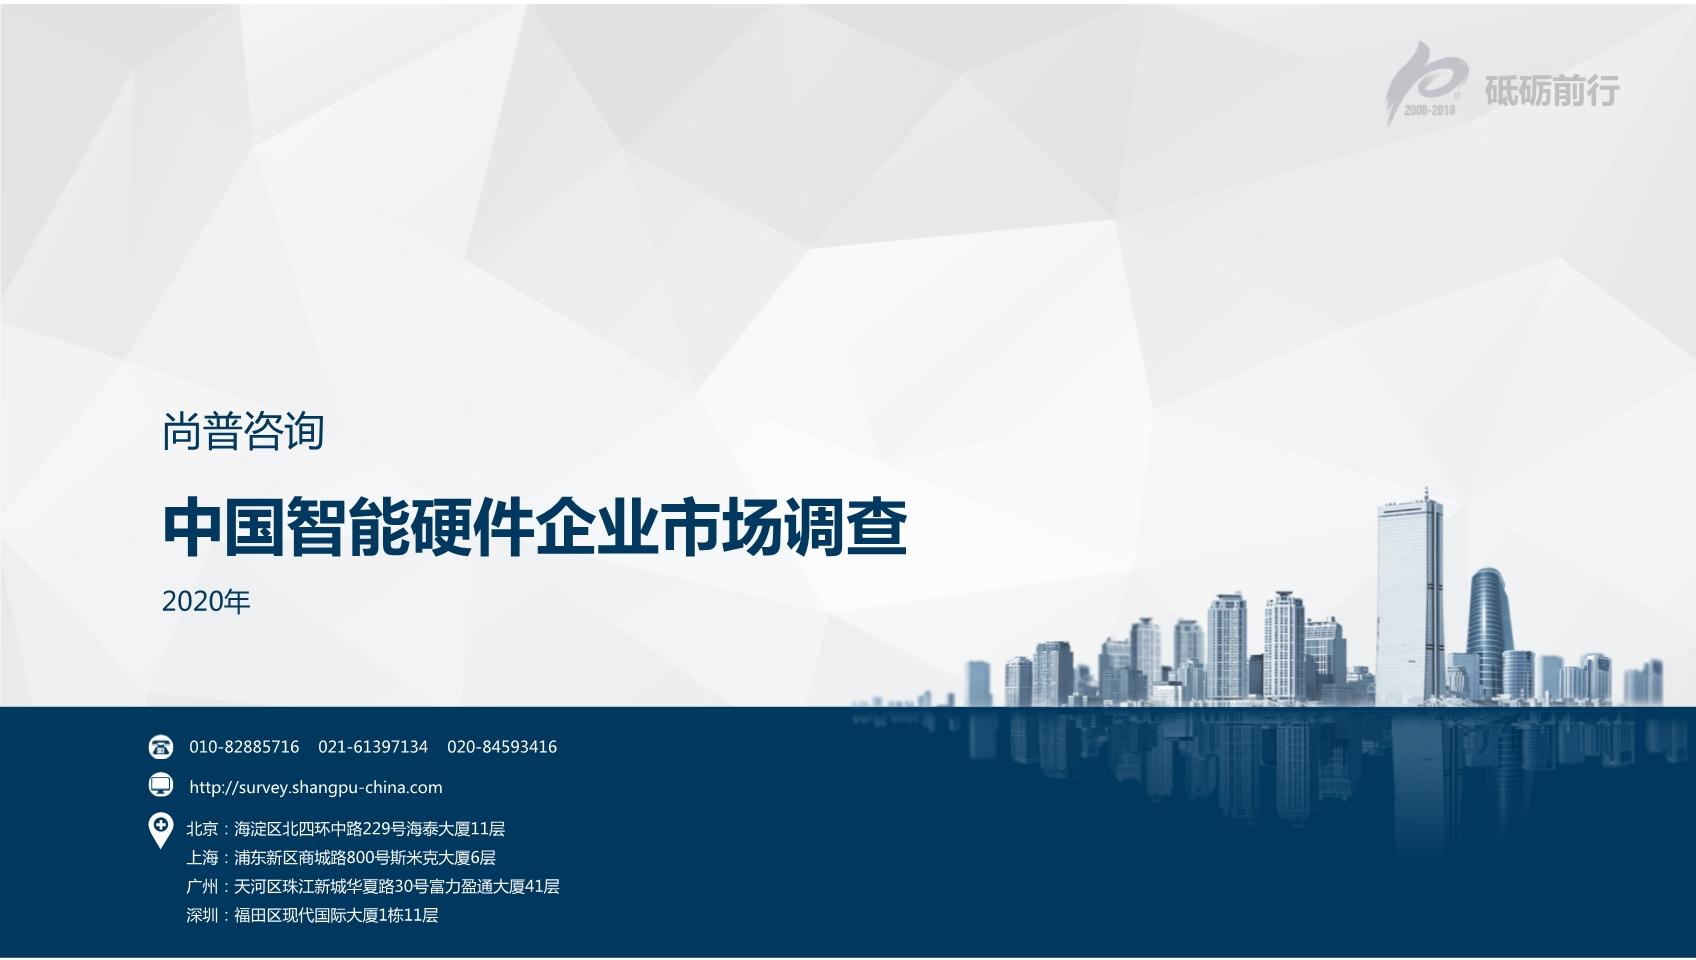 尚普咨询:2020年中国智能硬件企业市场调查